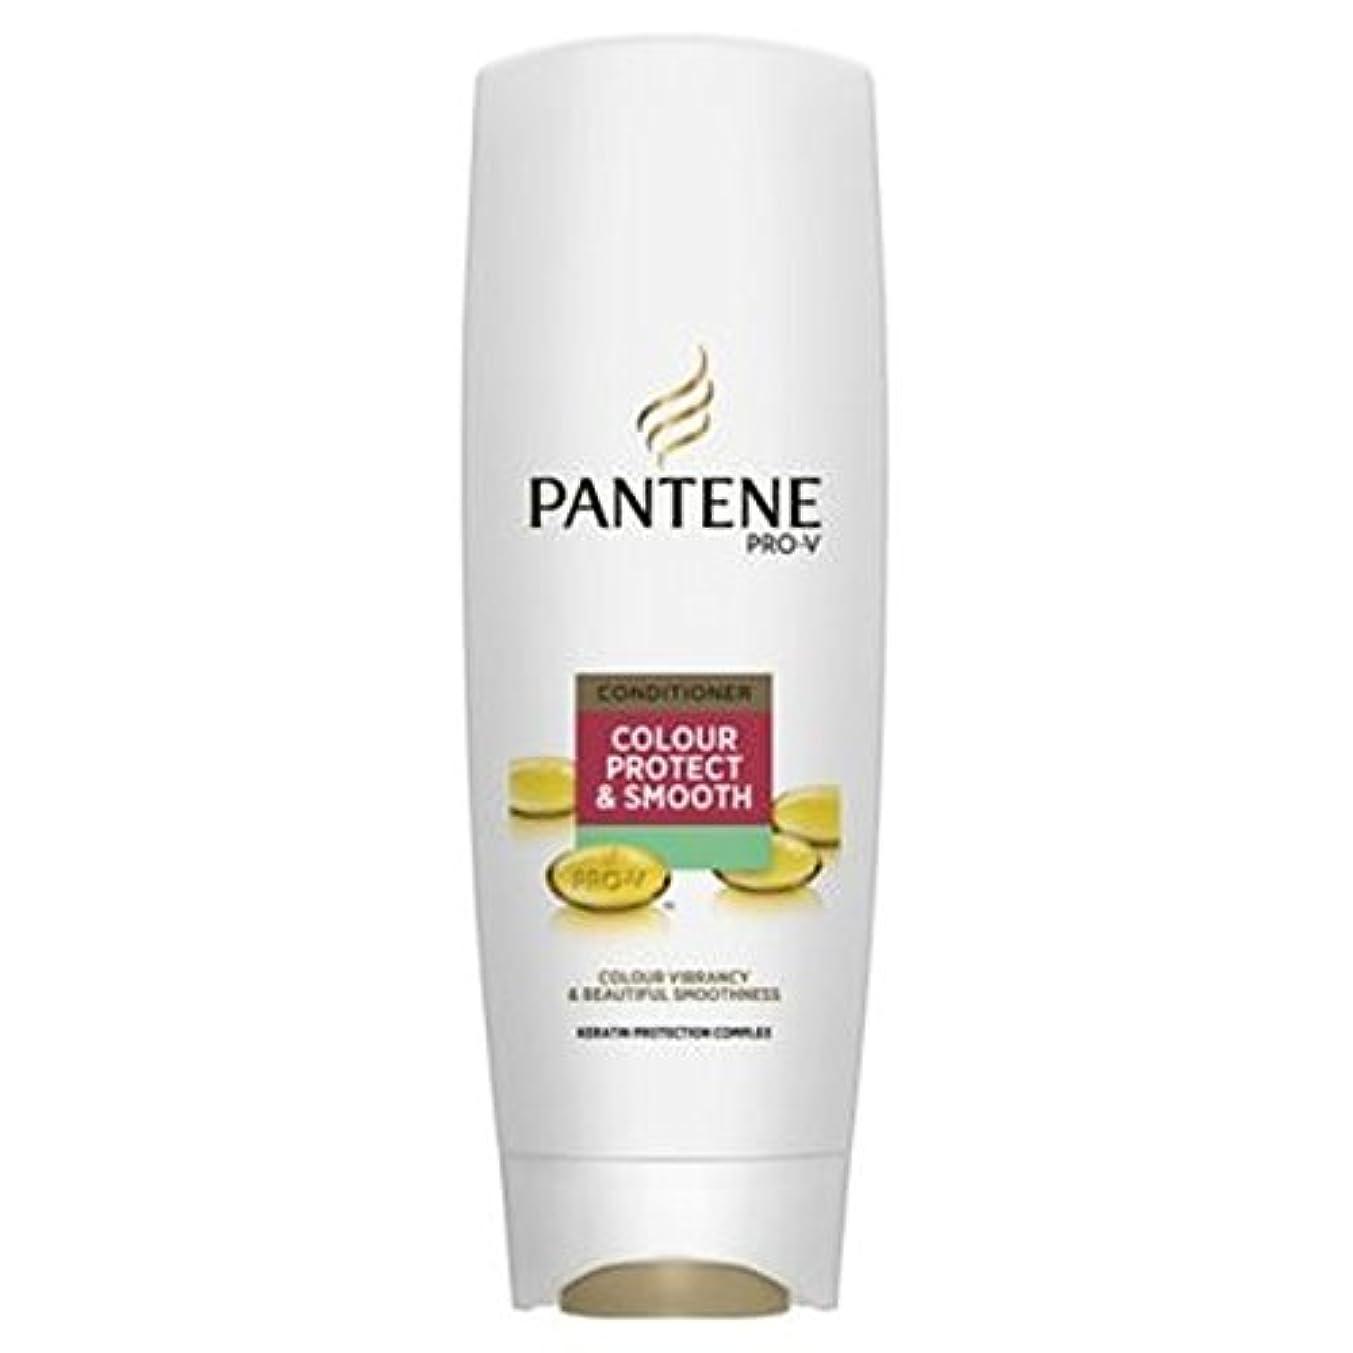 ドレス行為海洋のパンテーンプロVの色保護&スムーズコンディショナー360ミリリットル (Pantene) (x2) - Pantene Pro-V Colour Protect & Smooth Conditioner 360ml (Pack of 2) [並行輸入品]